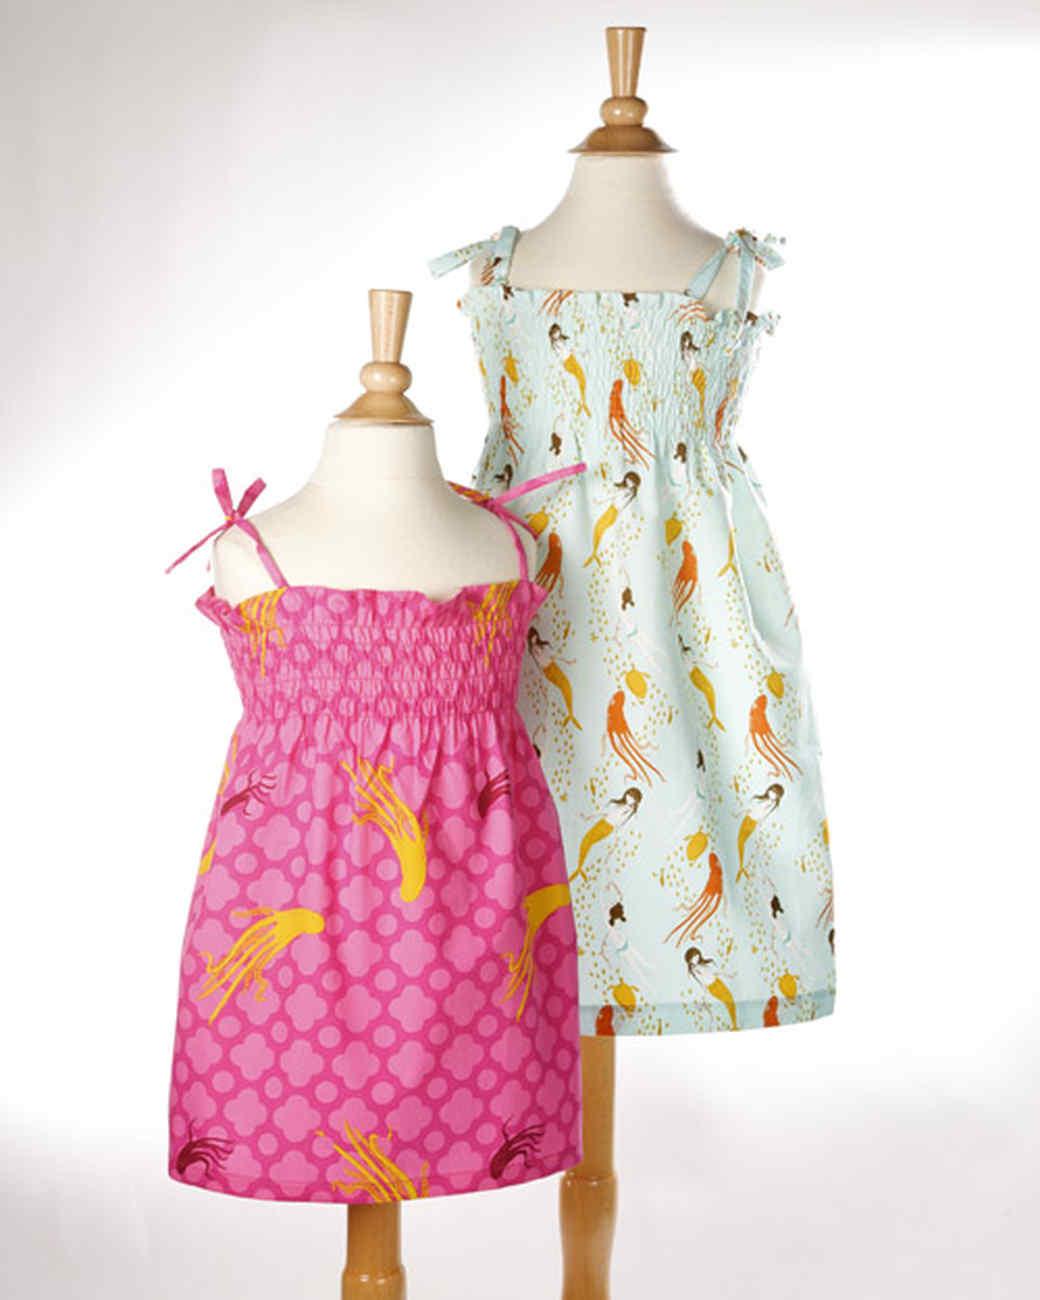 Toddler Smock Dresses On Sale 5